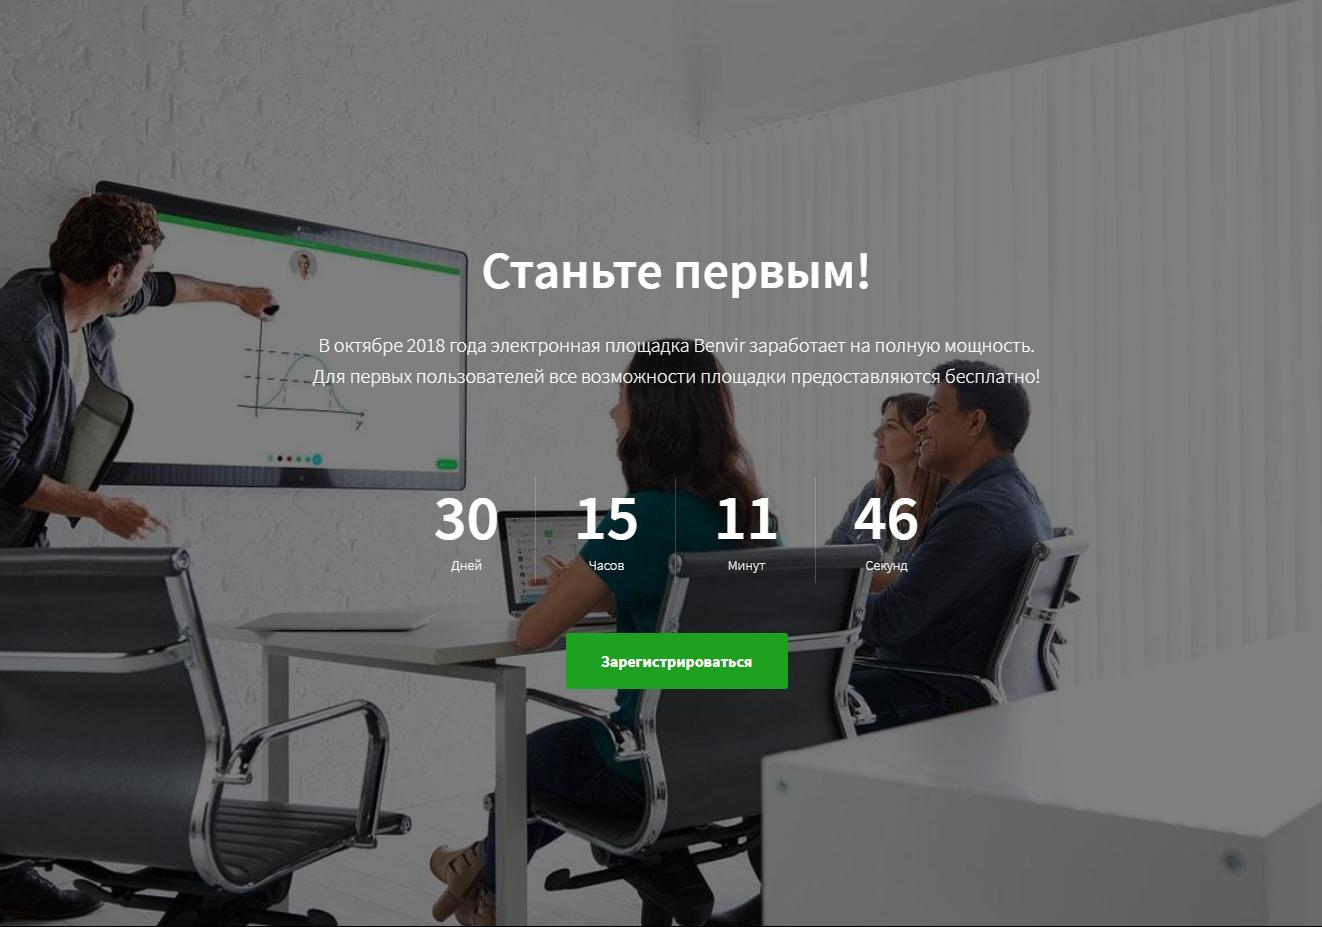 Лендинг — промо страница сервиса «Benvir»